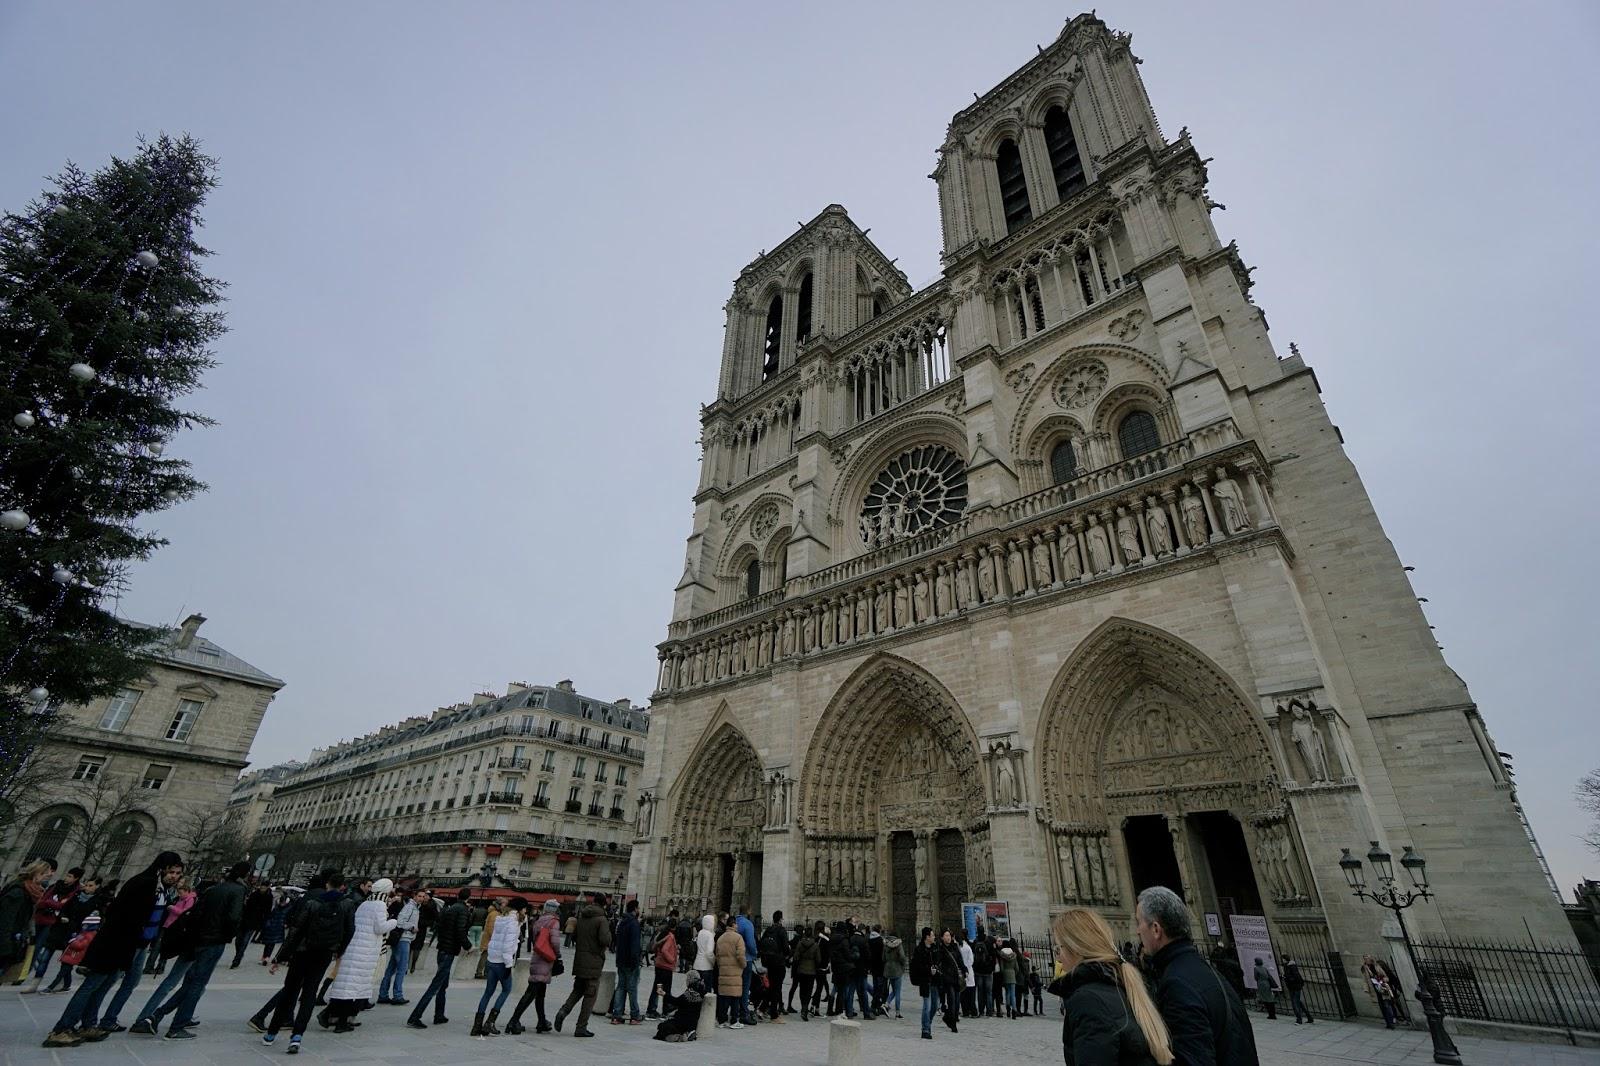 ノートルダム大聖堂 (パリ)の画像 p1_29